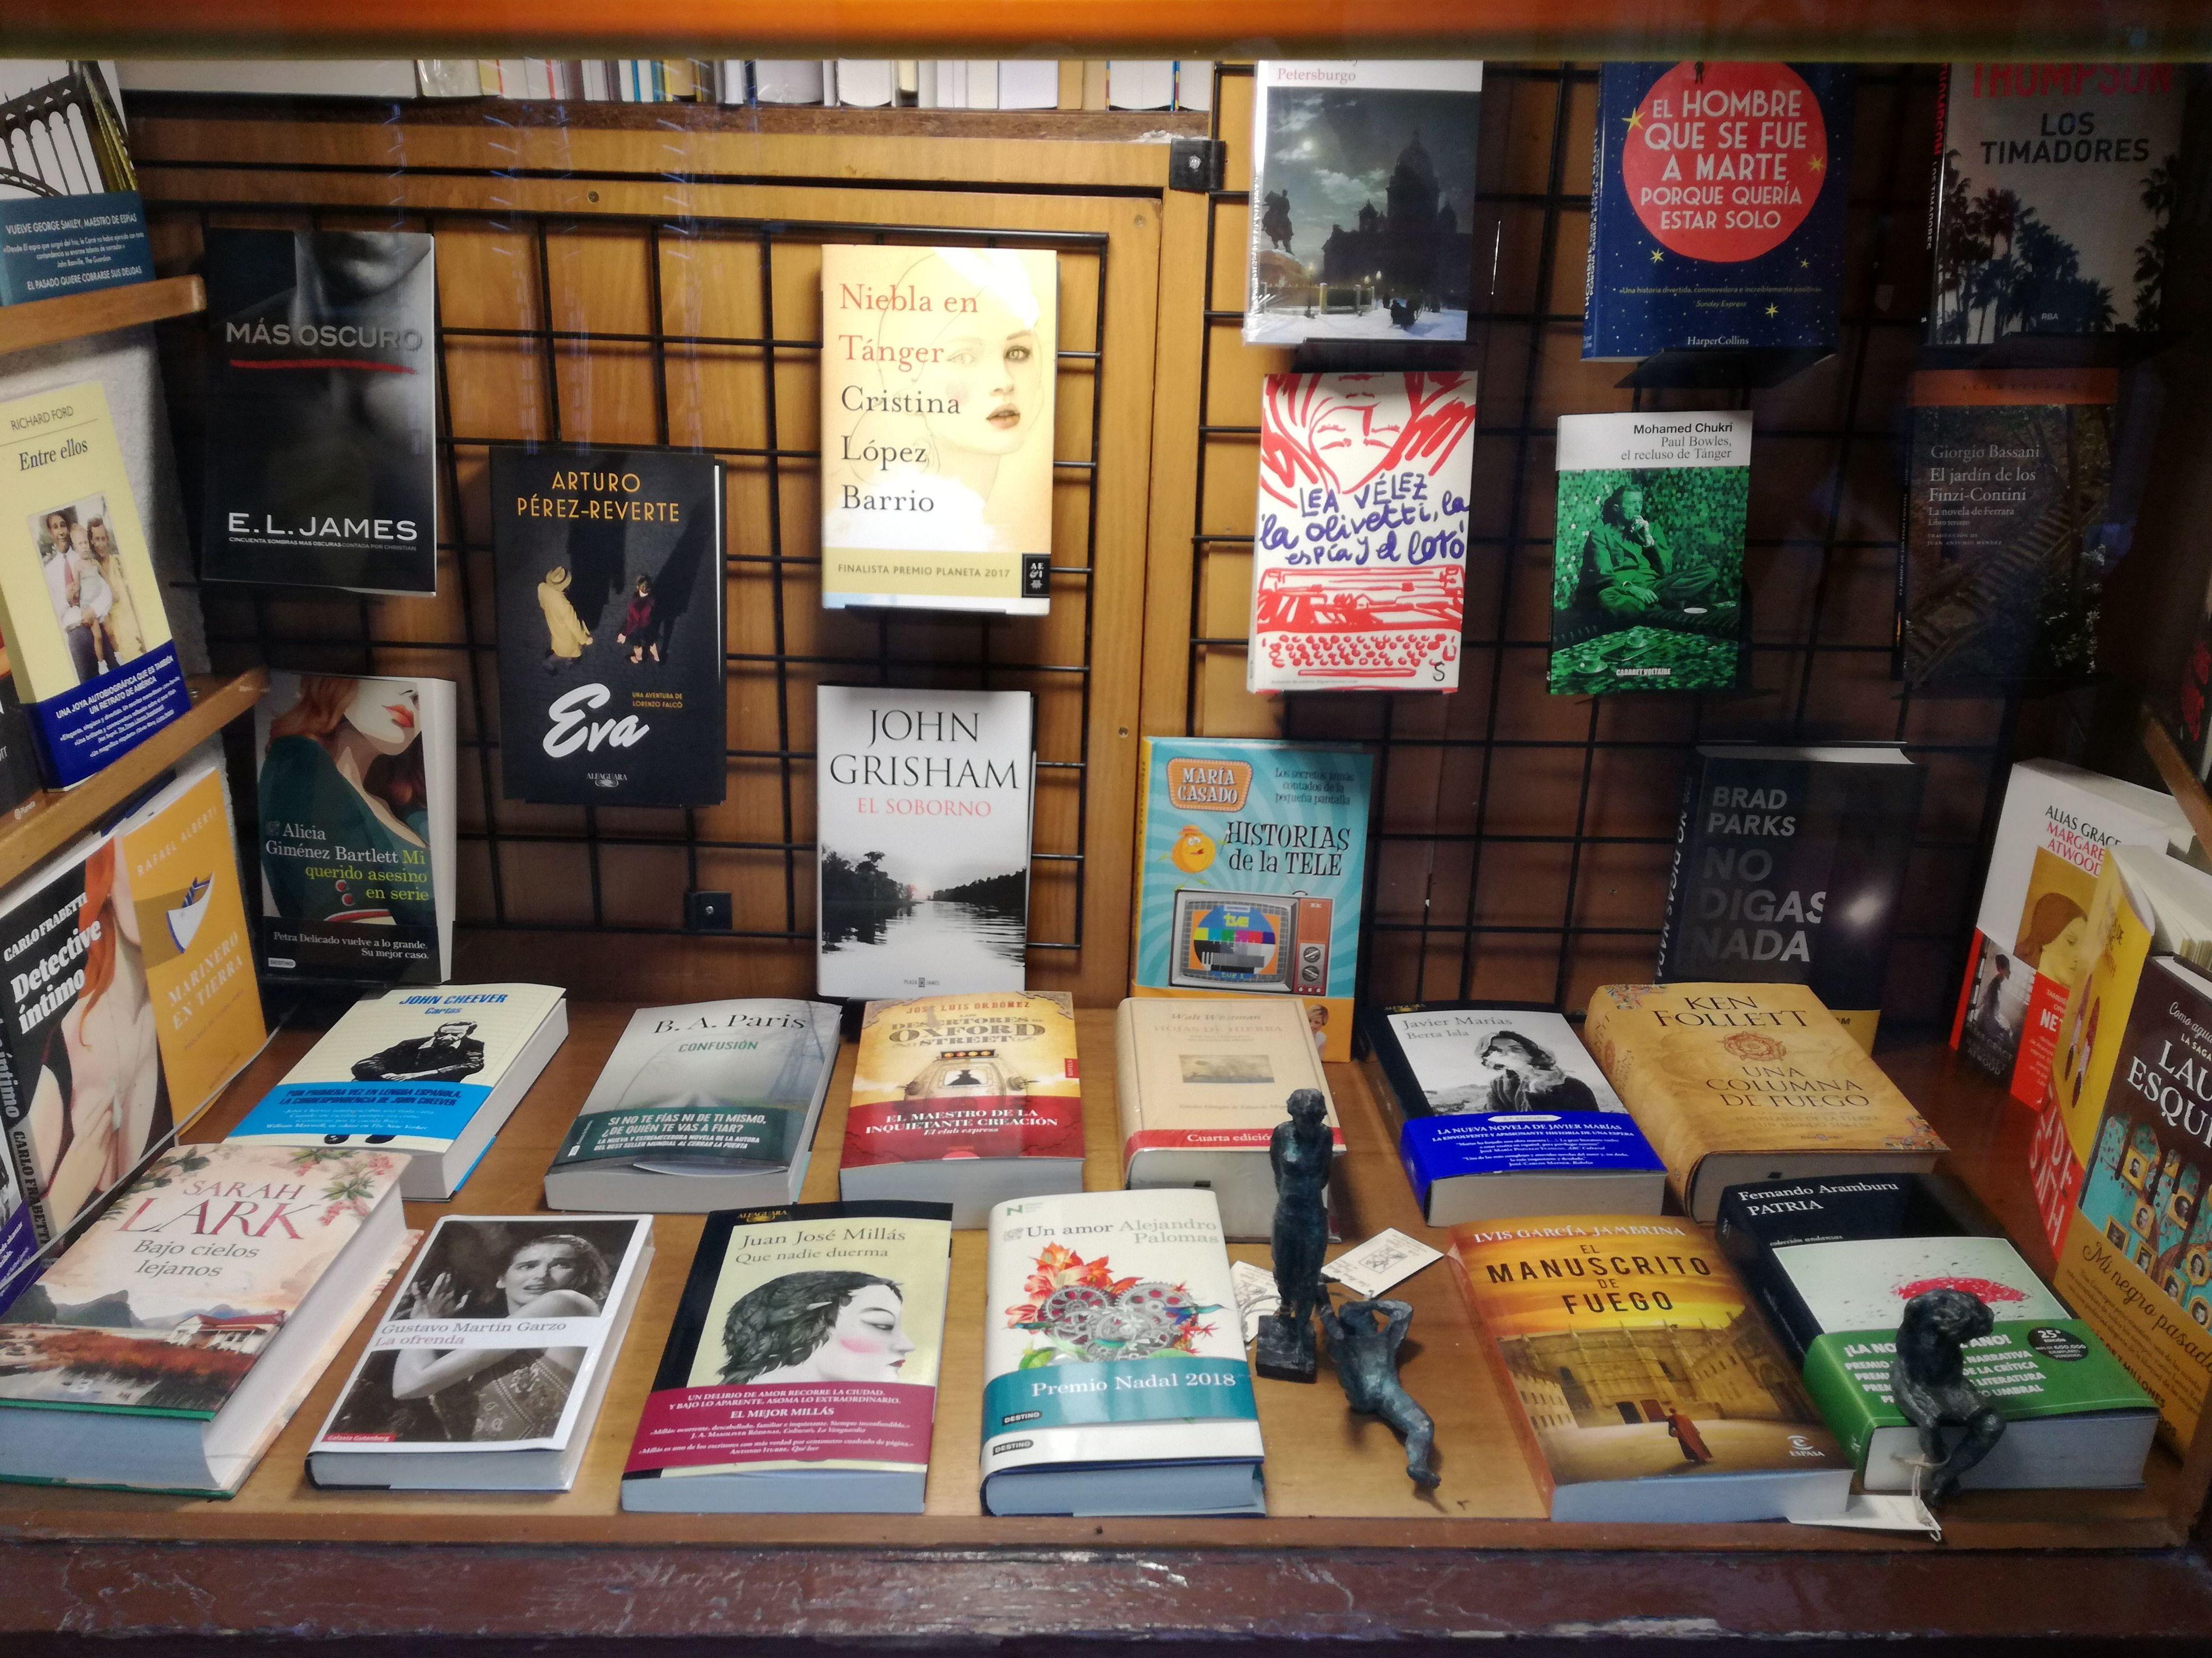 Foto 14 de Librerías en Salamanca | Librería Nueva Plaza Universitaria